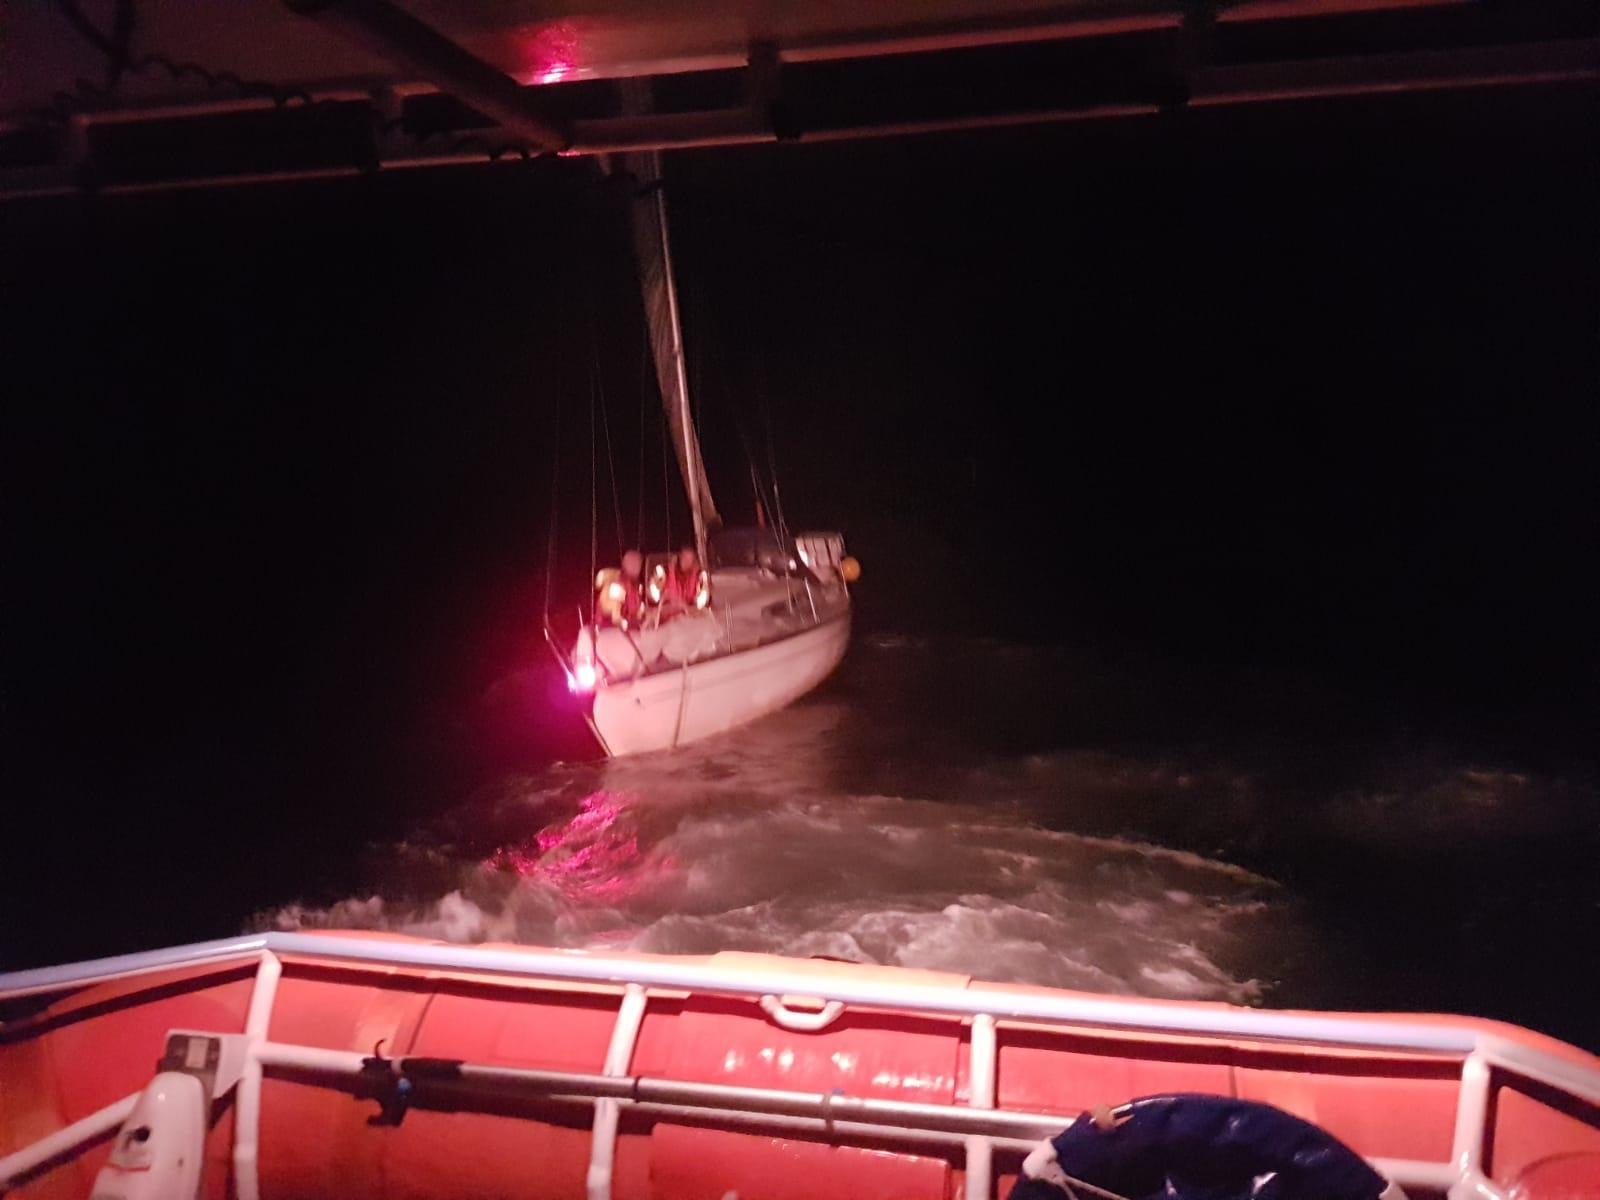 De bemanning van KNRM station Egmond aan Zee vaart op het brandende jacht af. (Foto: aangeleverd)